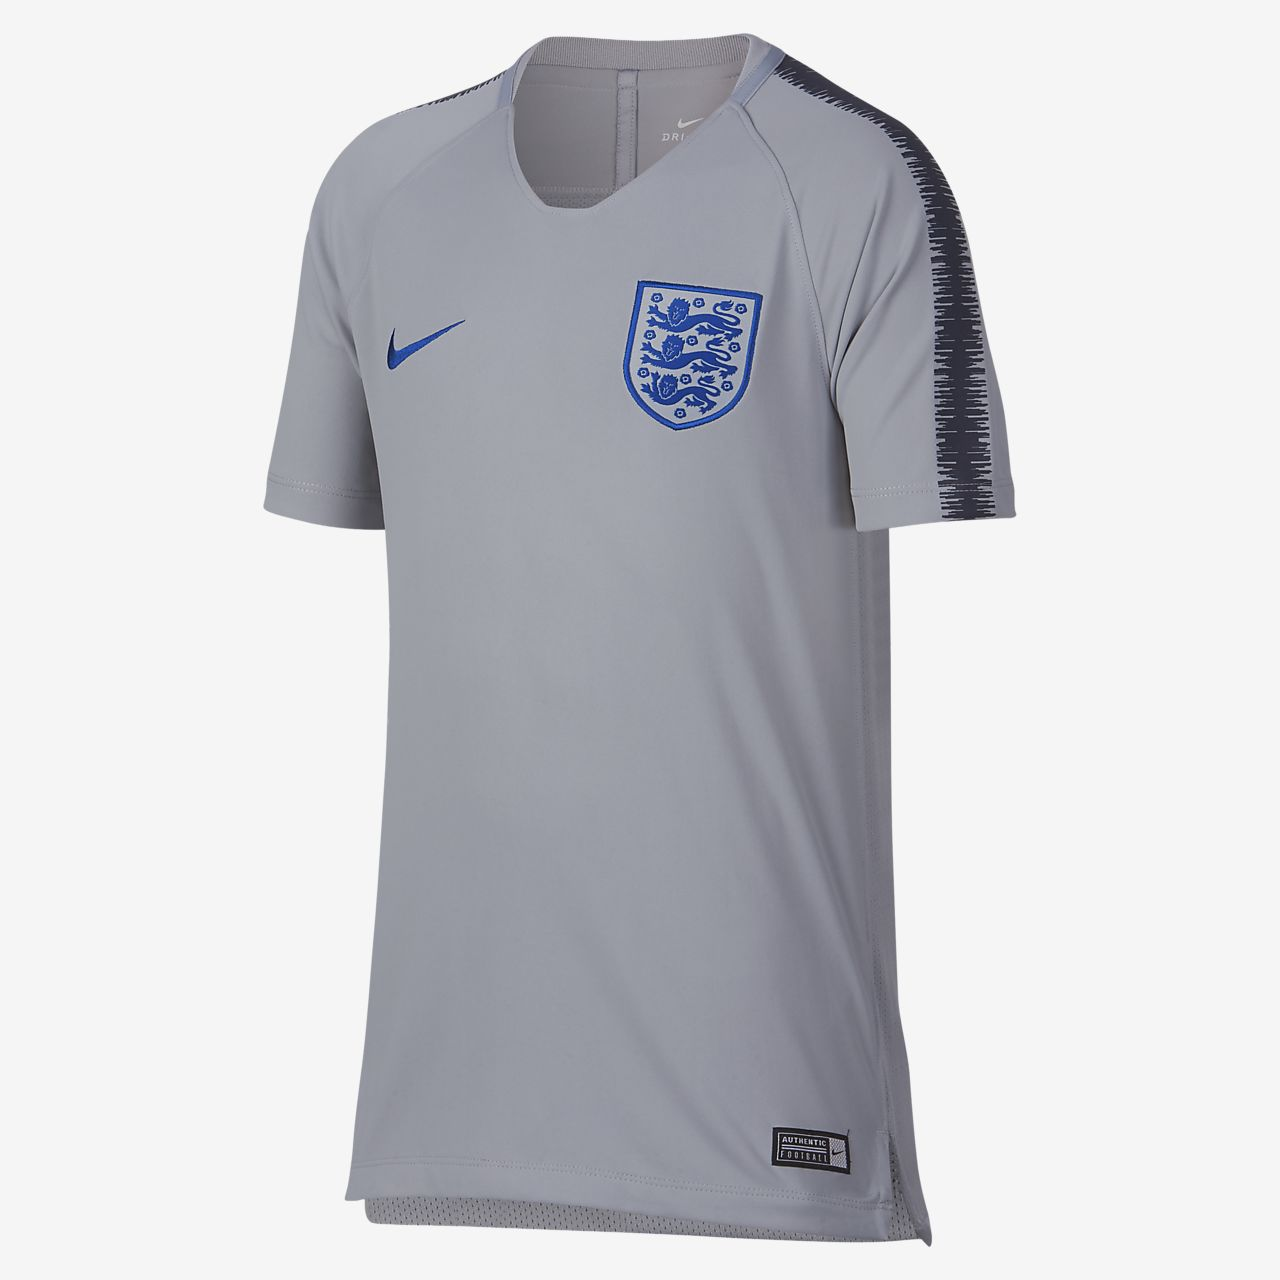 Ποδοσφαιρική μπλούζα England Breathe Squad για μεγάλα παιδιά